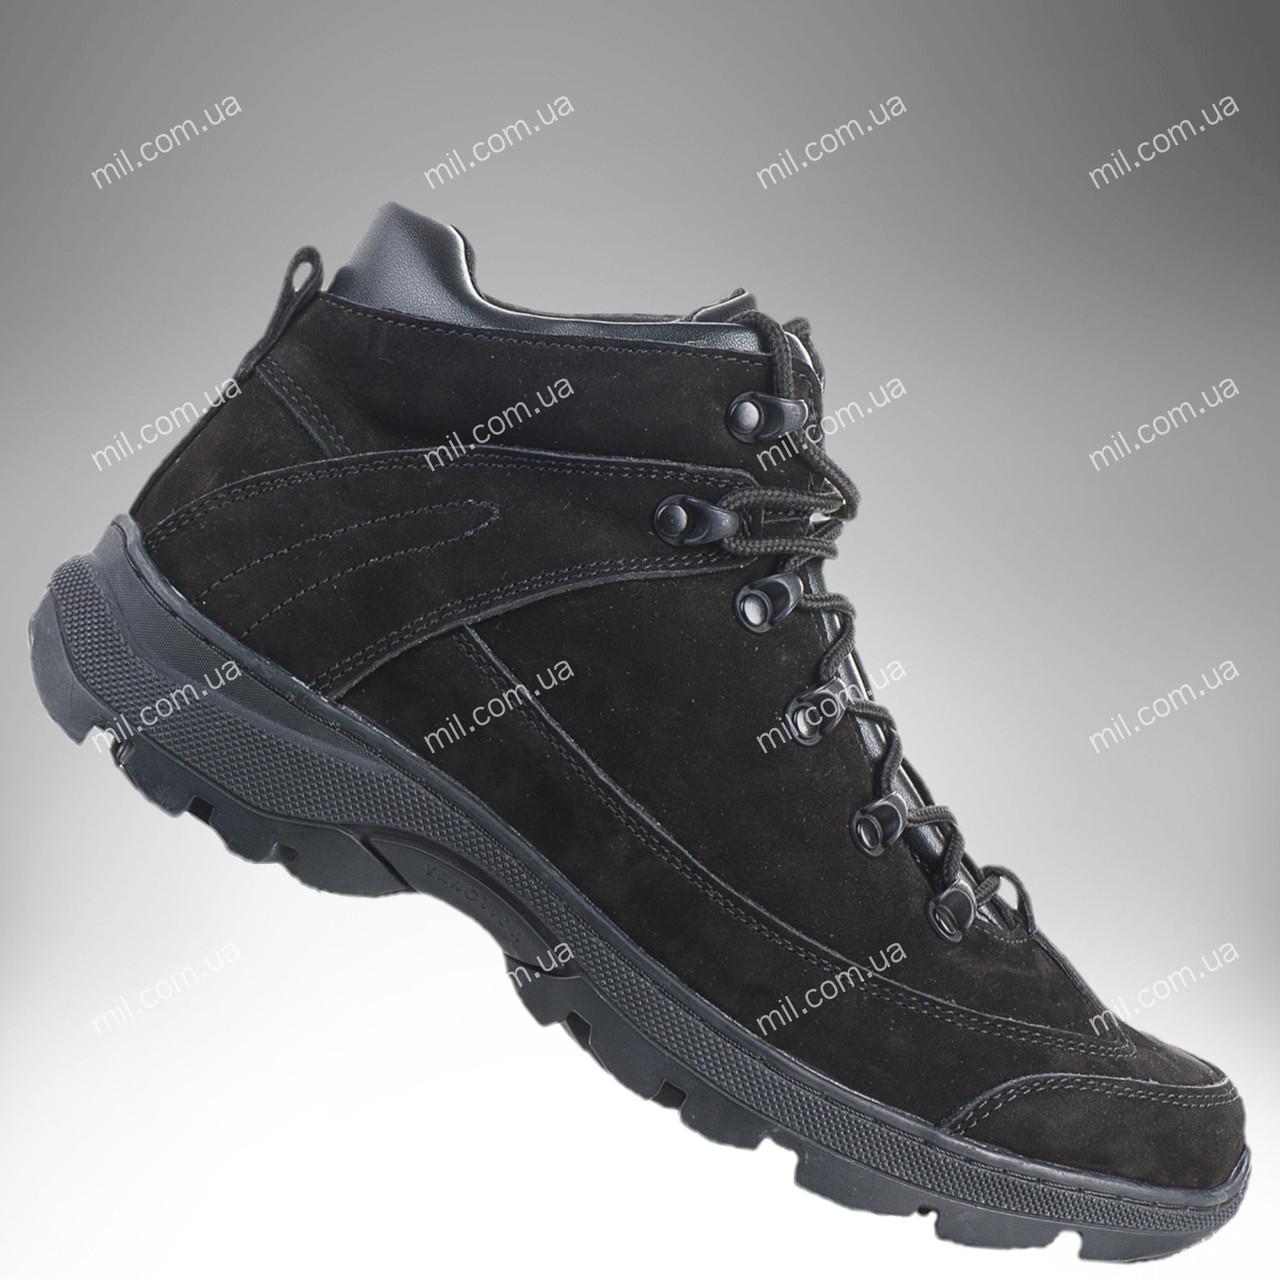 Военные ботинки демисезонные / армейская, тактическая обувь ТИТАН Gen.II (black)